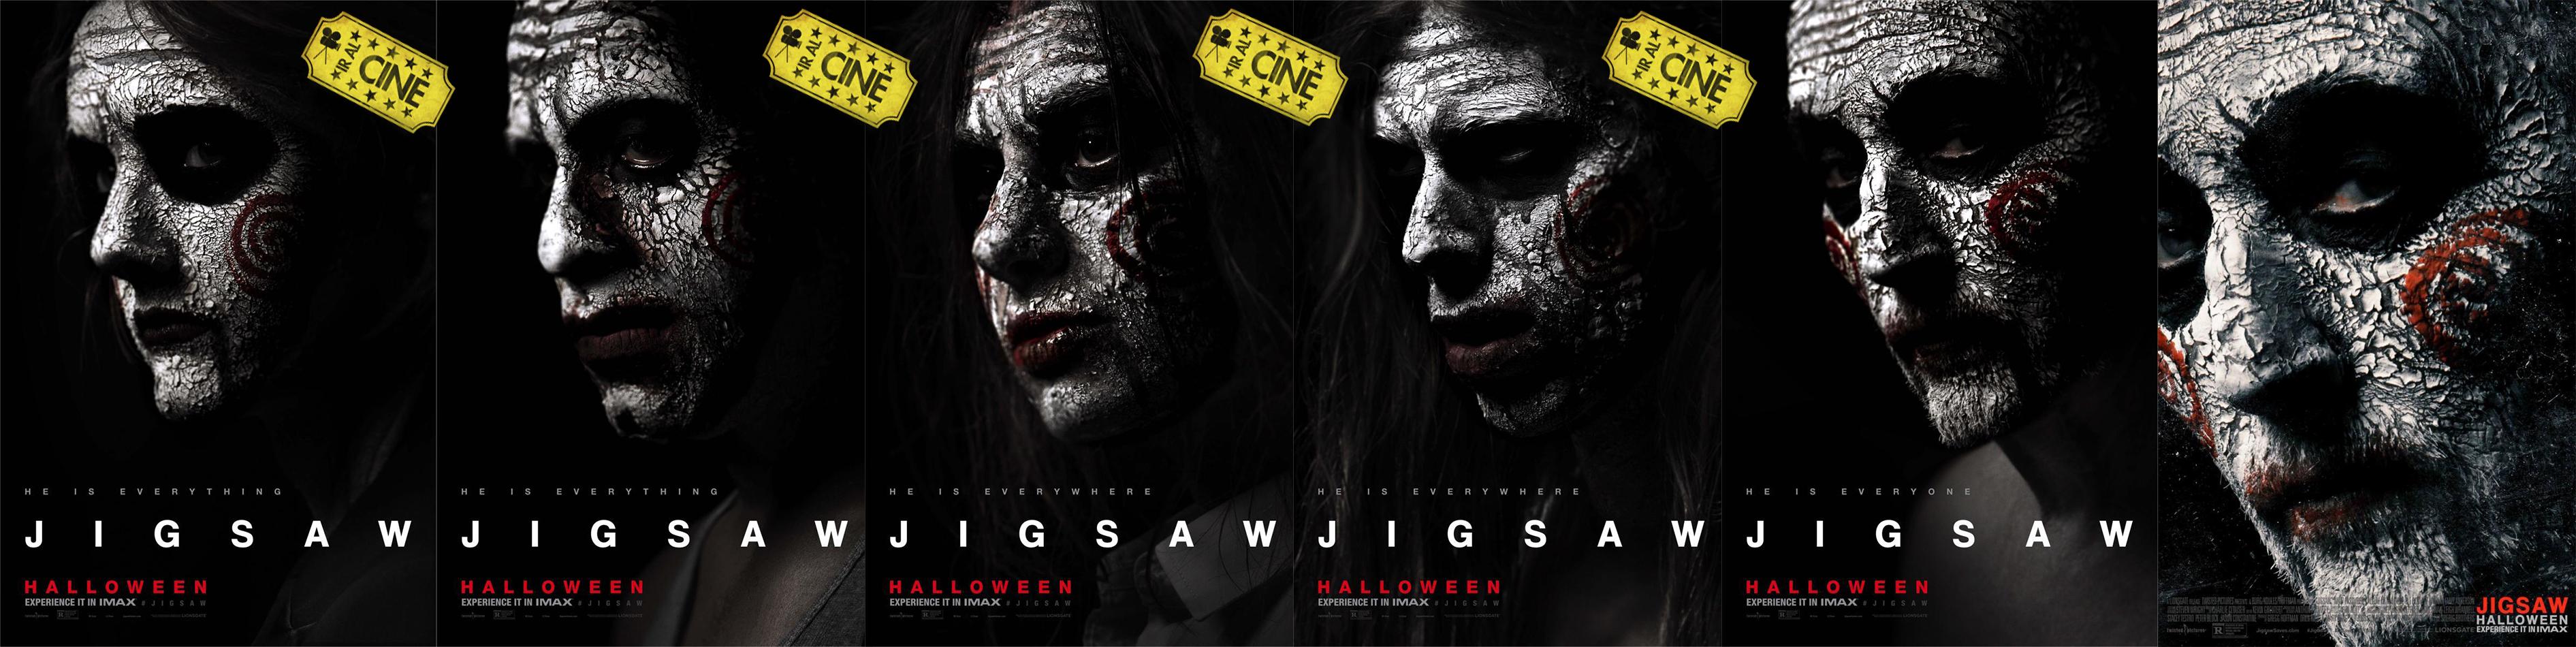 saw8-jigsaw